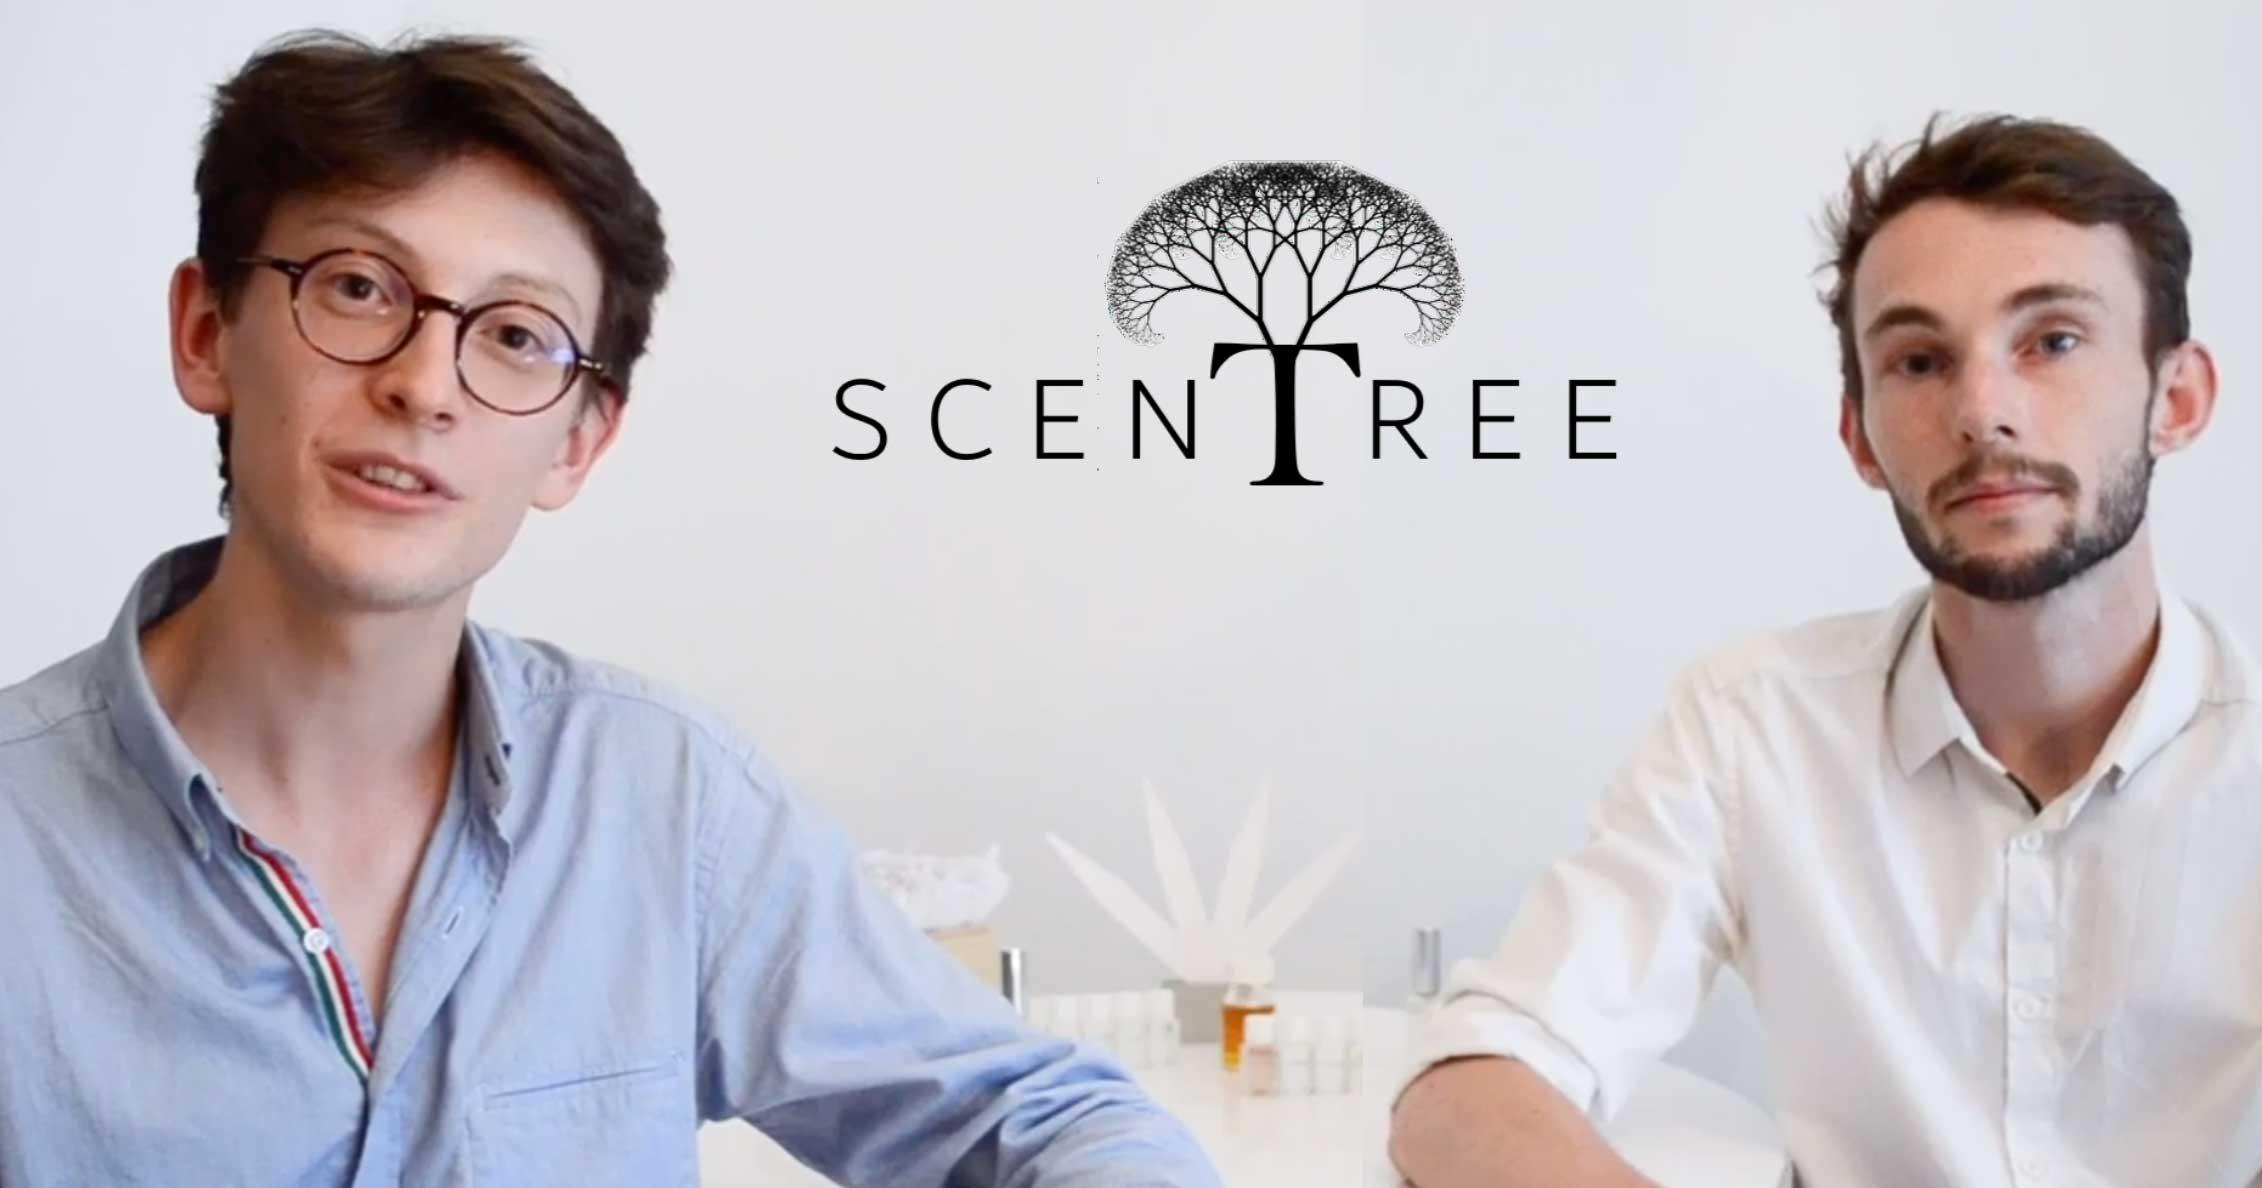 ScenTree : « Tout le monde a besoin d'une source fiable pour les matières premières de parfumerie »